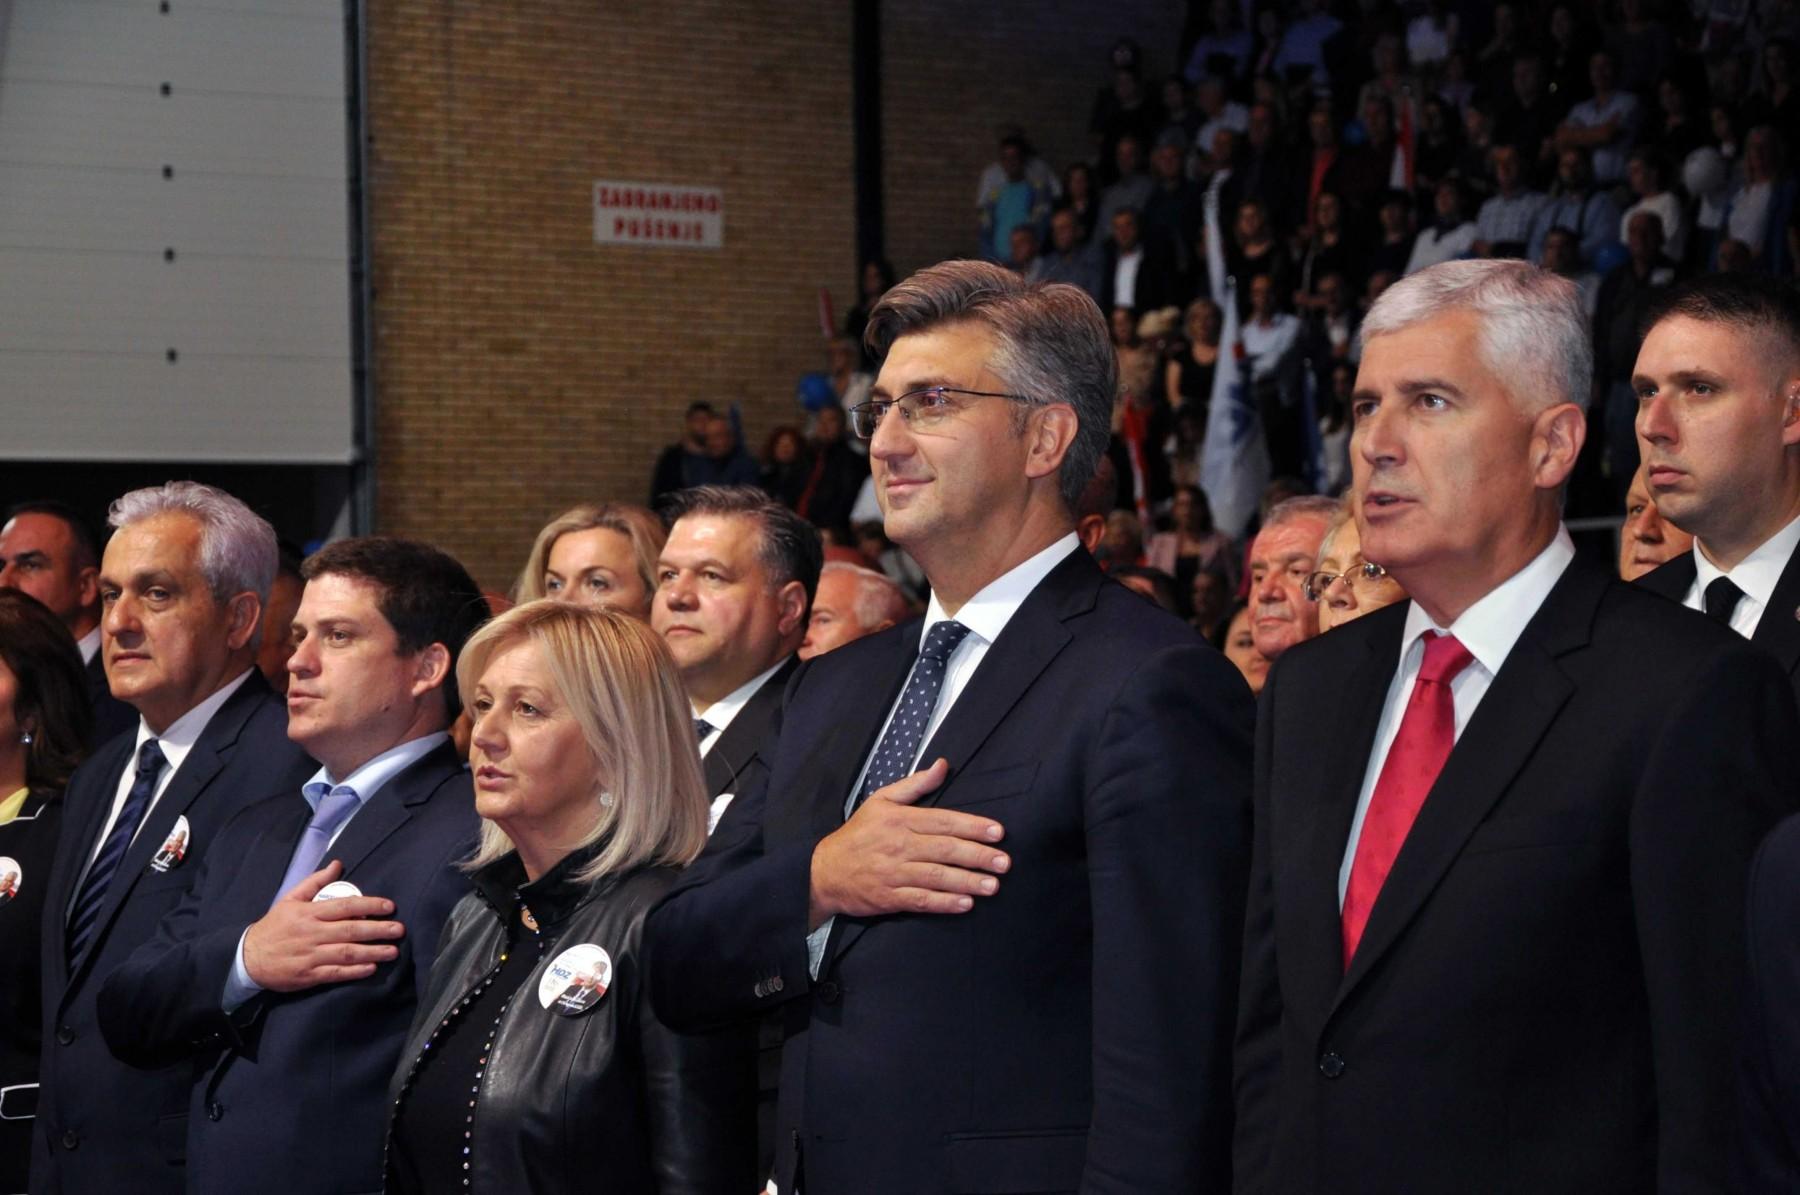 PLENKOVIĆ u Mostaru 'Važno je da Hrvate zastupaju legitimni predstavnici'